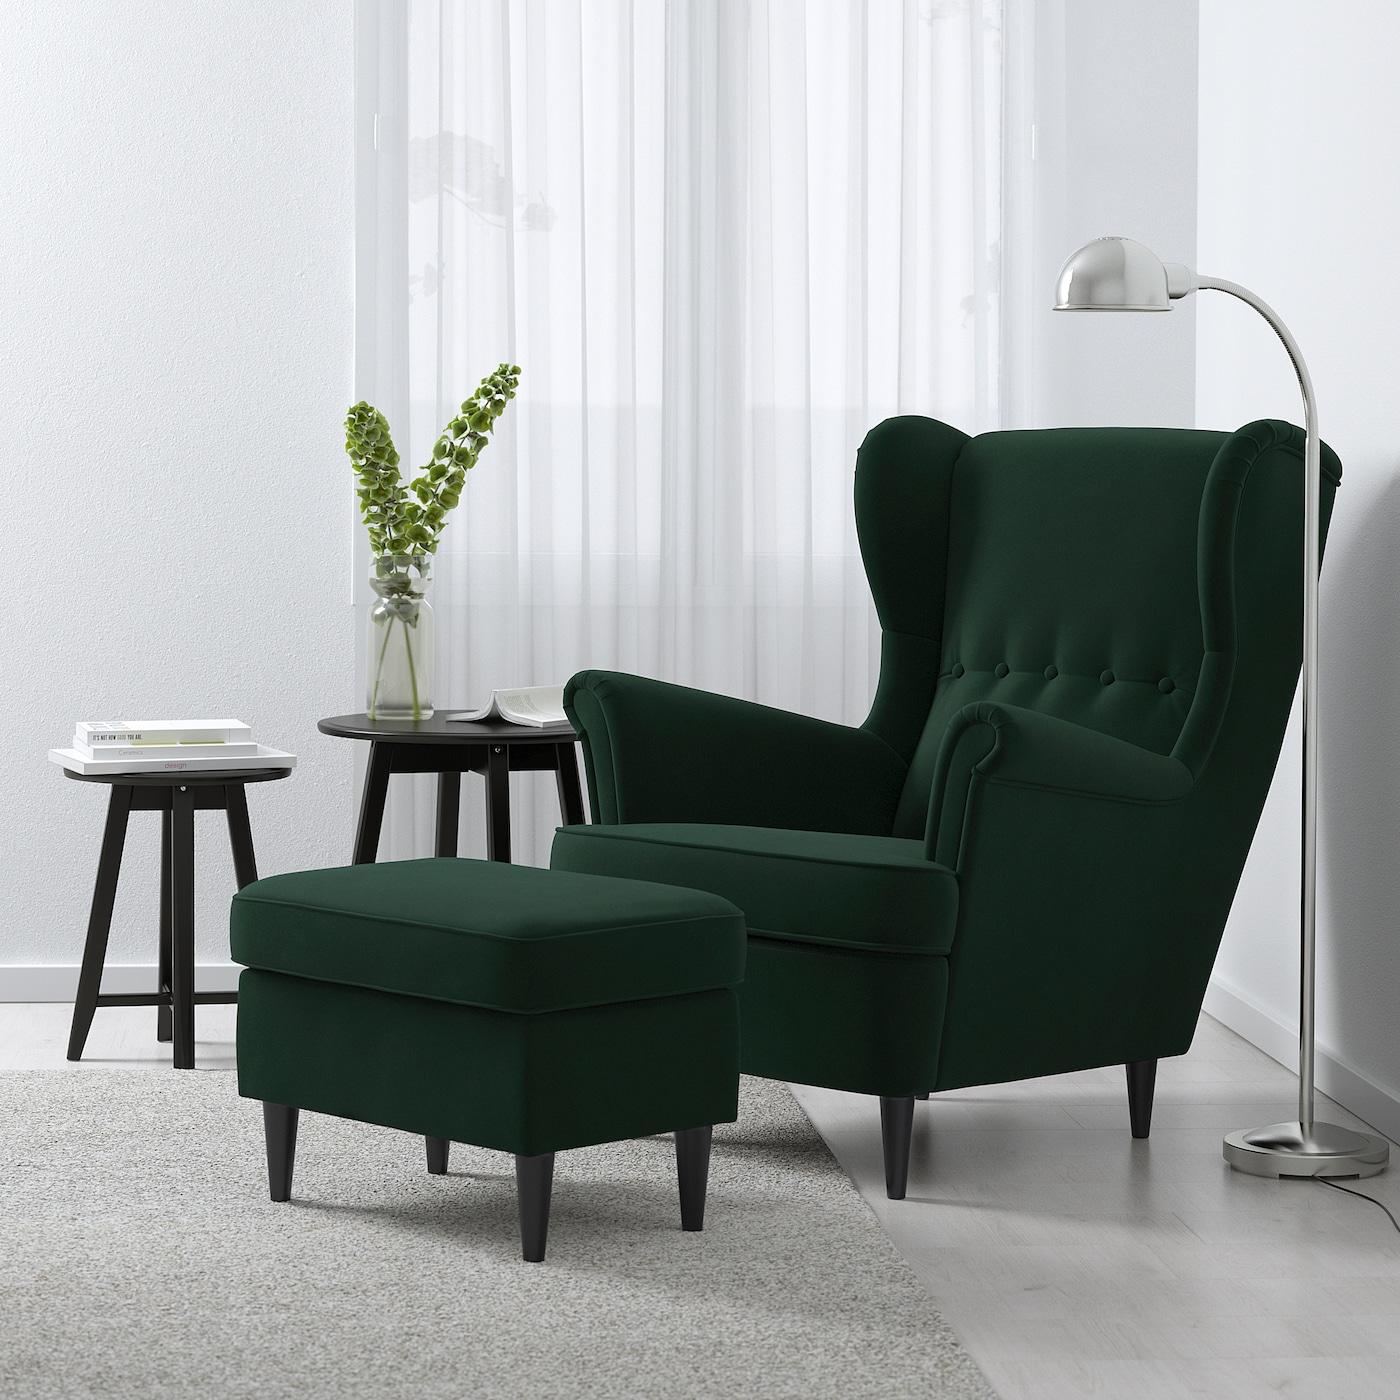 STRANDMON Ohrensessel, Djuparp dunkelgrün